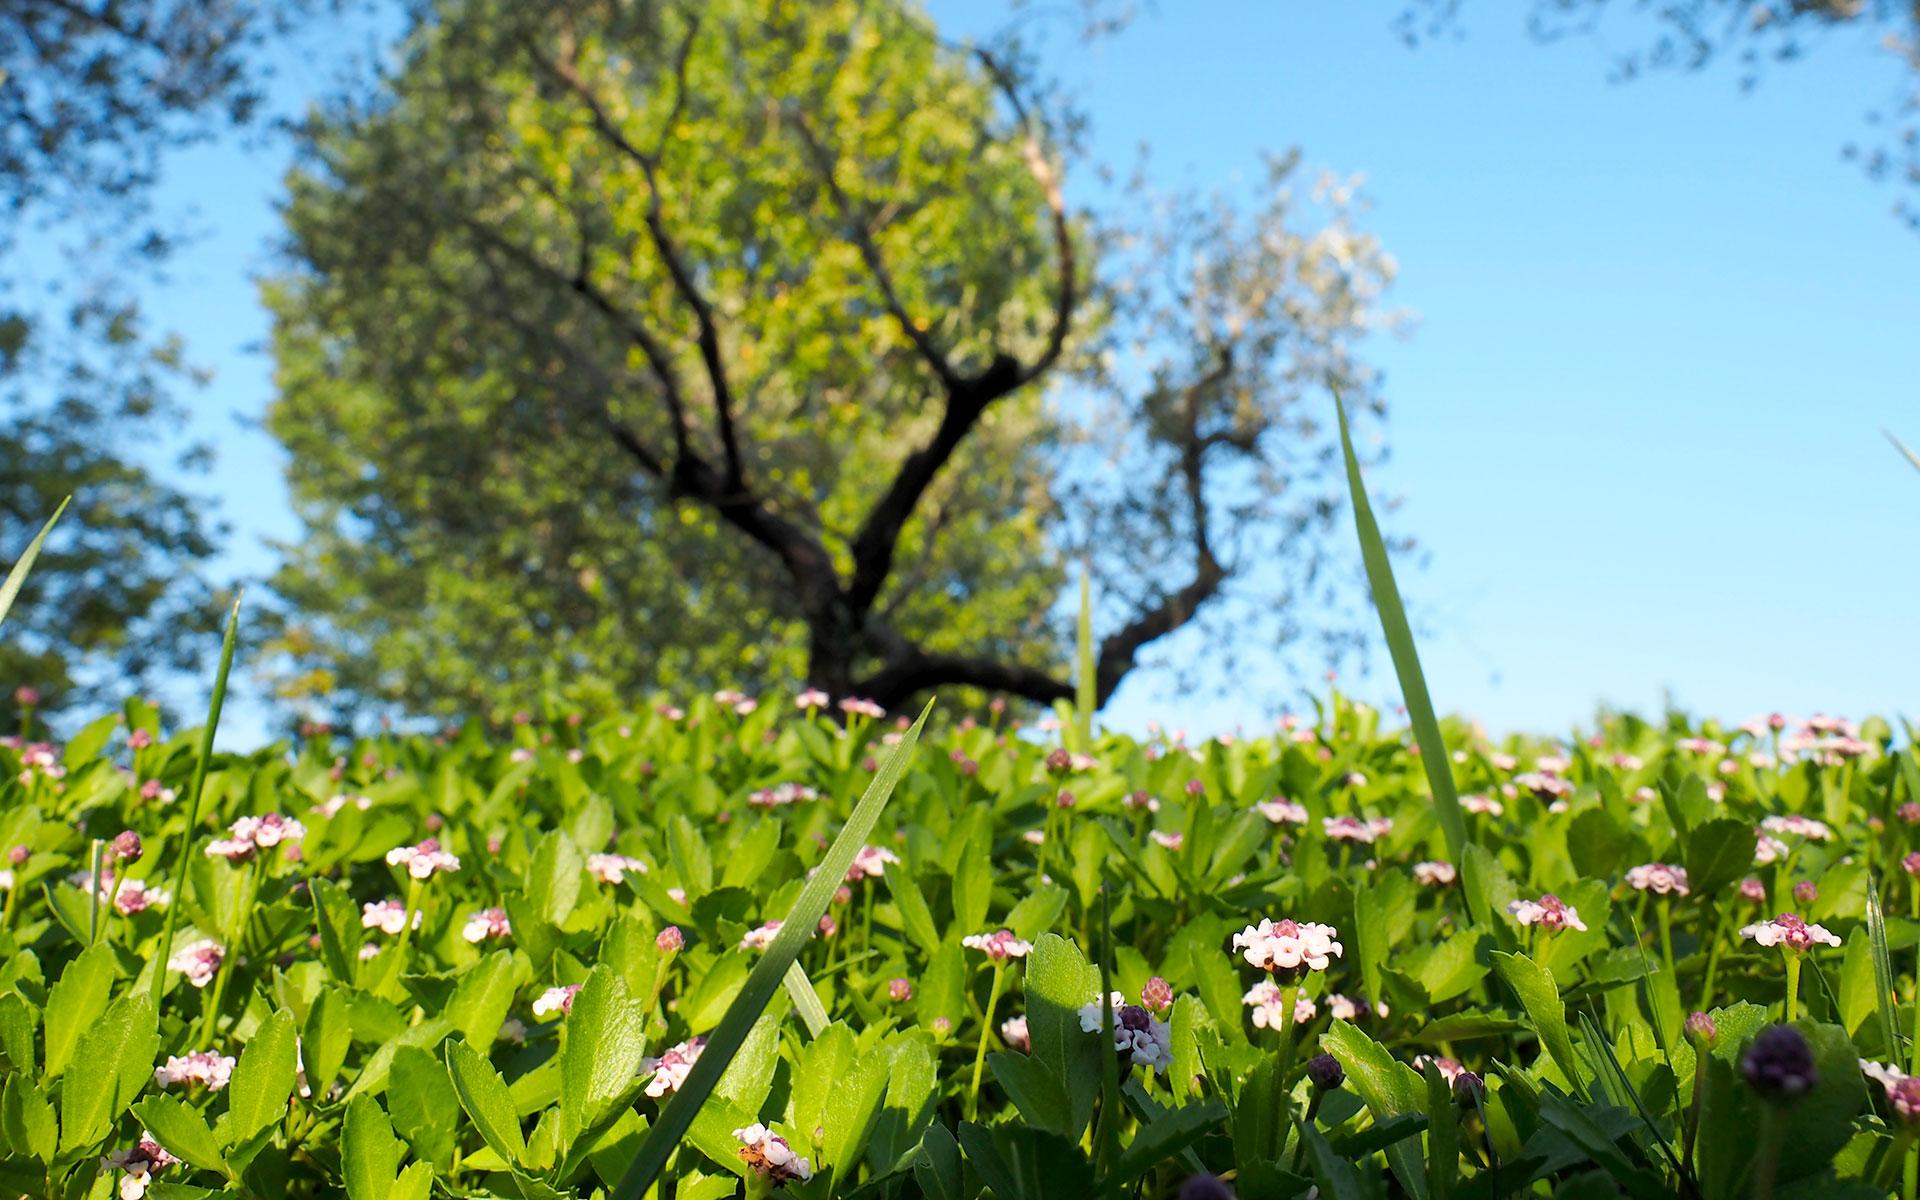 https://www.leforbici.eu/wp-content/uploads/2019/12/forbici-tree-consulenza-tecnico-agronomica-lago-garda.jpg